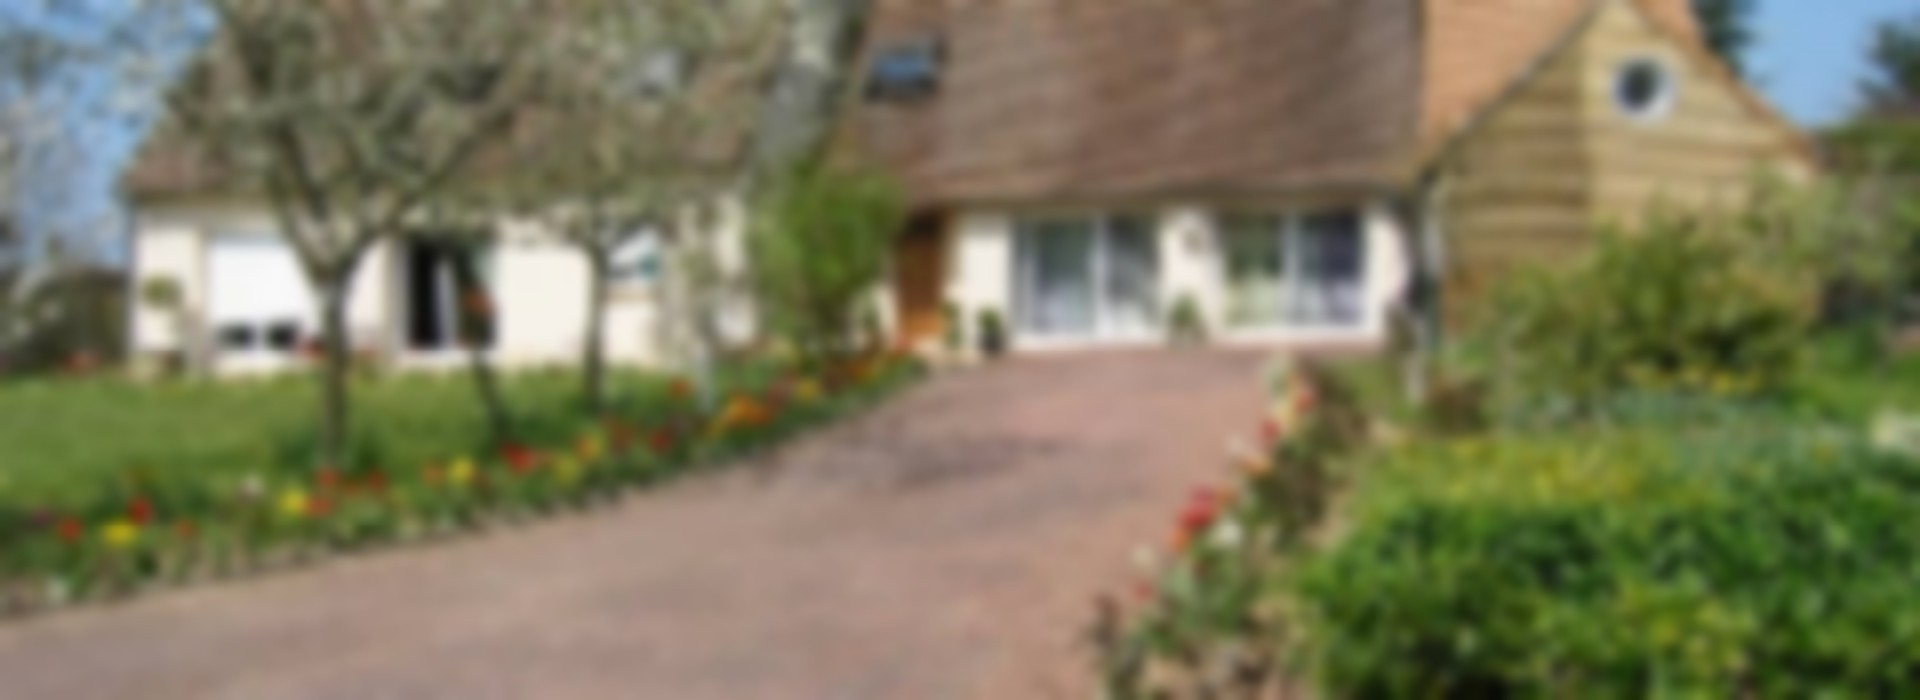 da6df258786 CHAMBRES D HOTES - LA MAISON DU COURBOULAY  Chambres d Hôtes en Pays ...